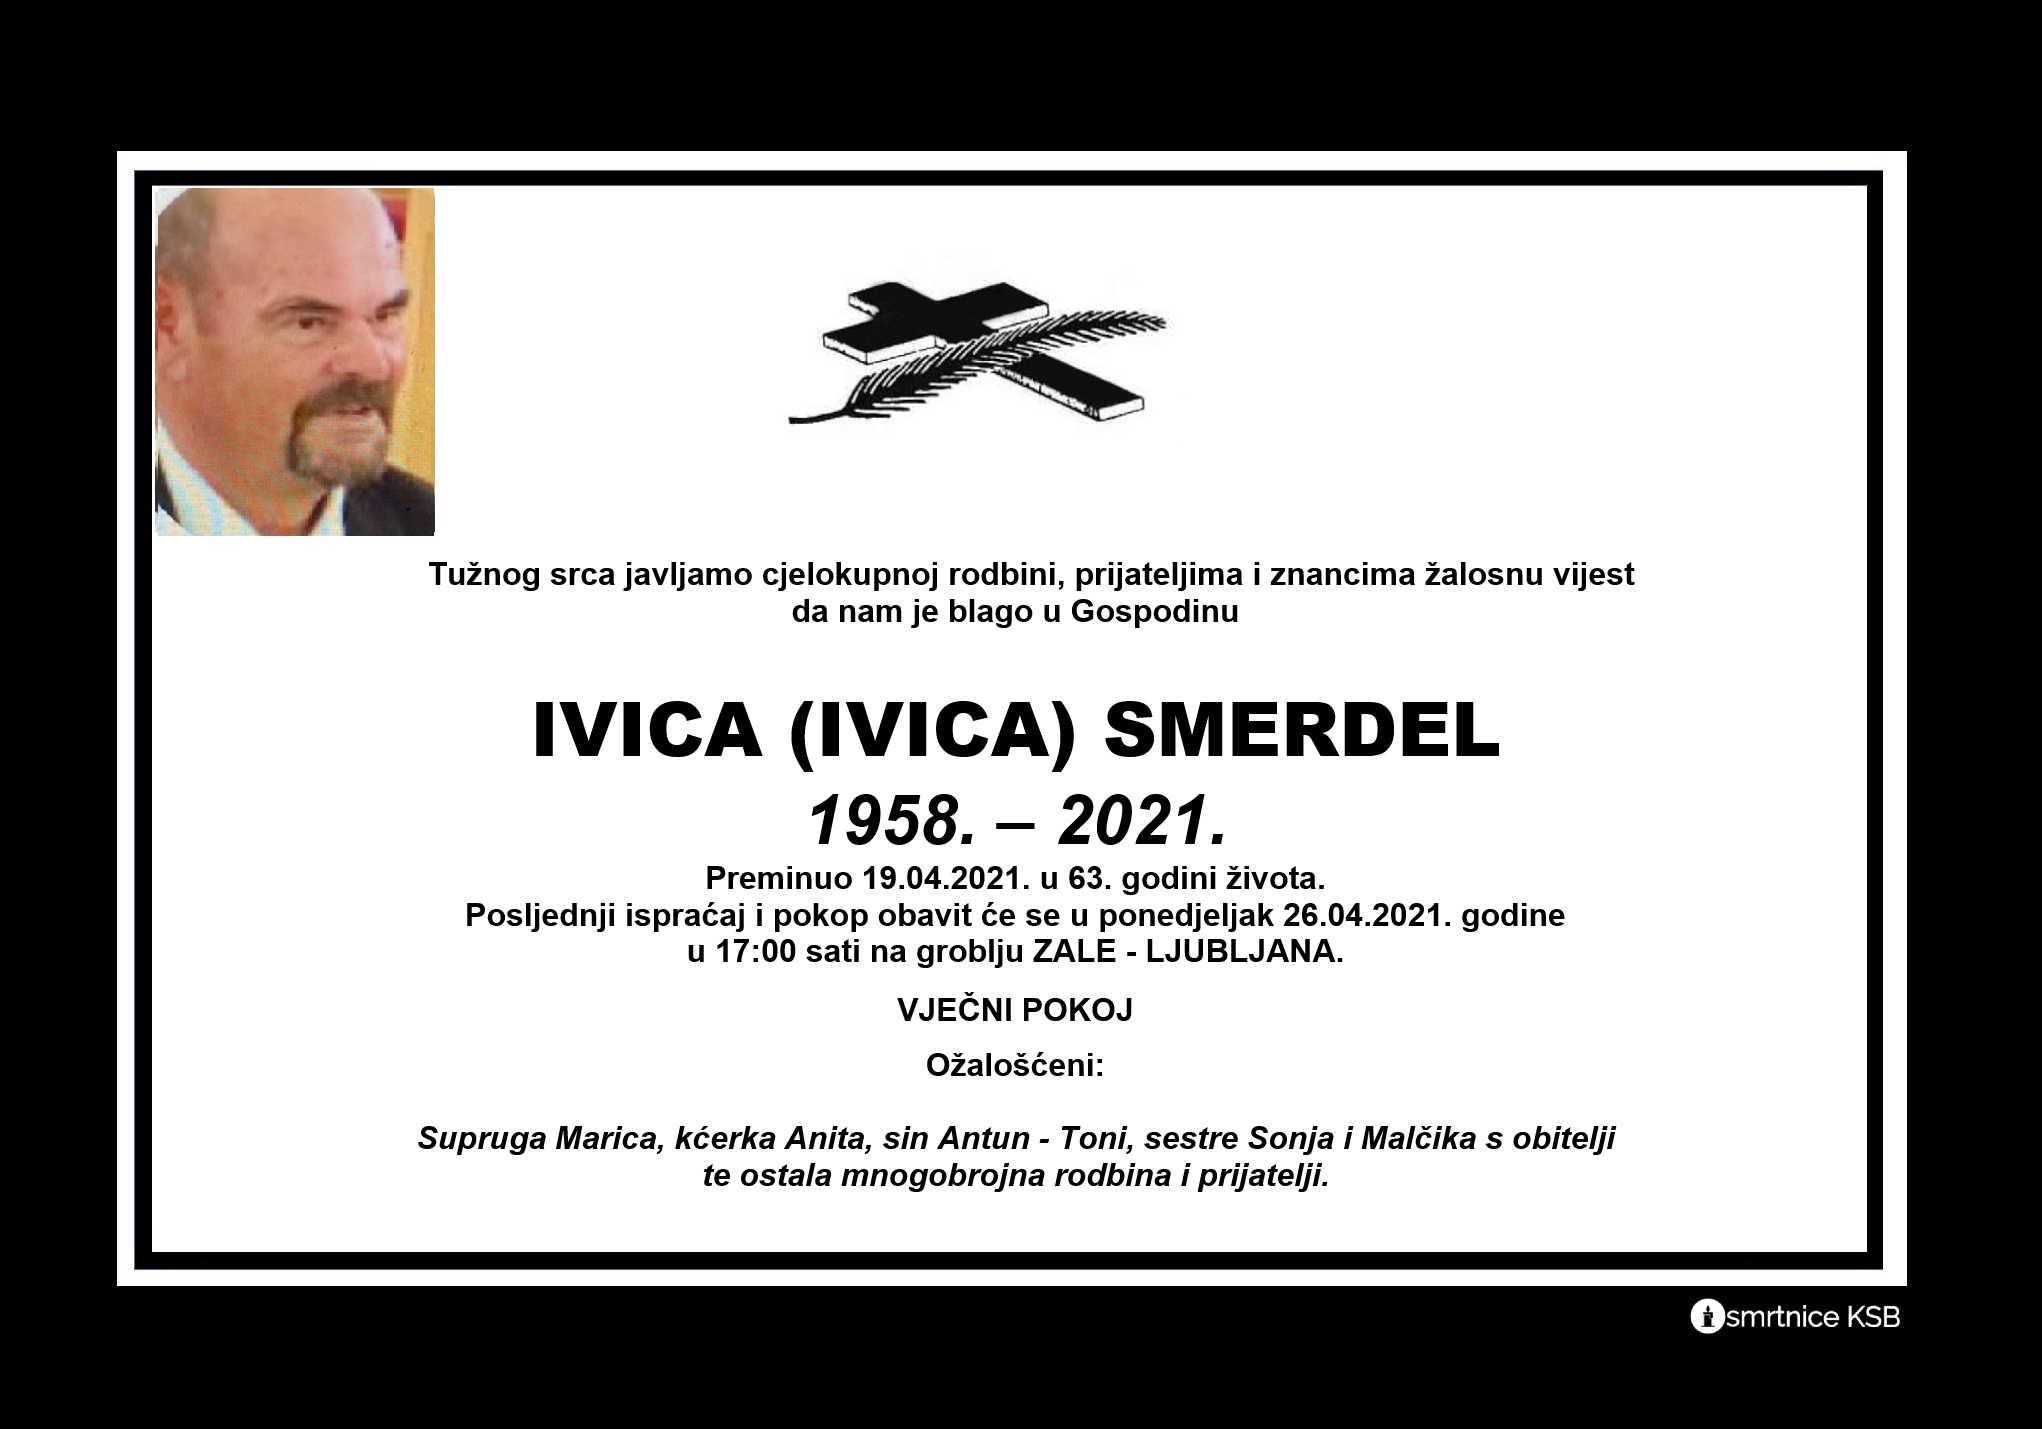 Ivica (Ivica) Smerdel